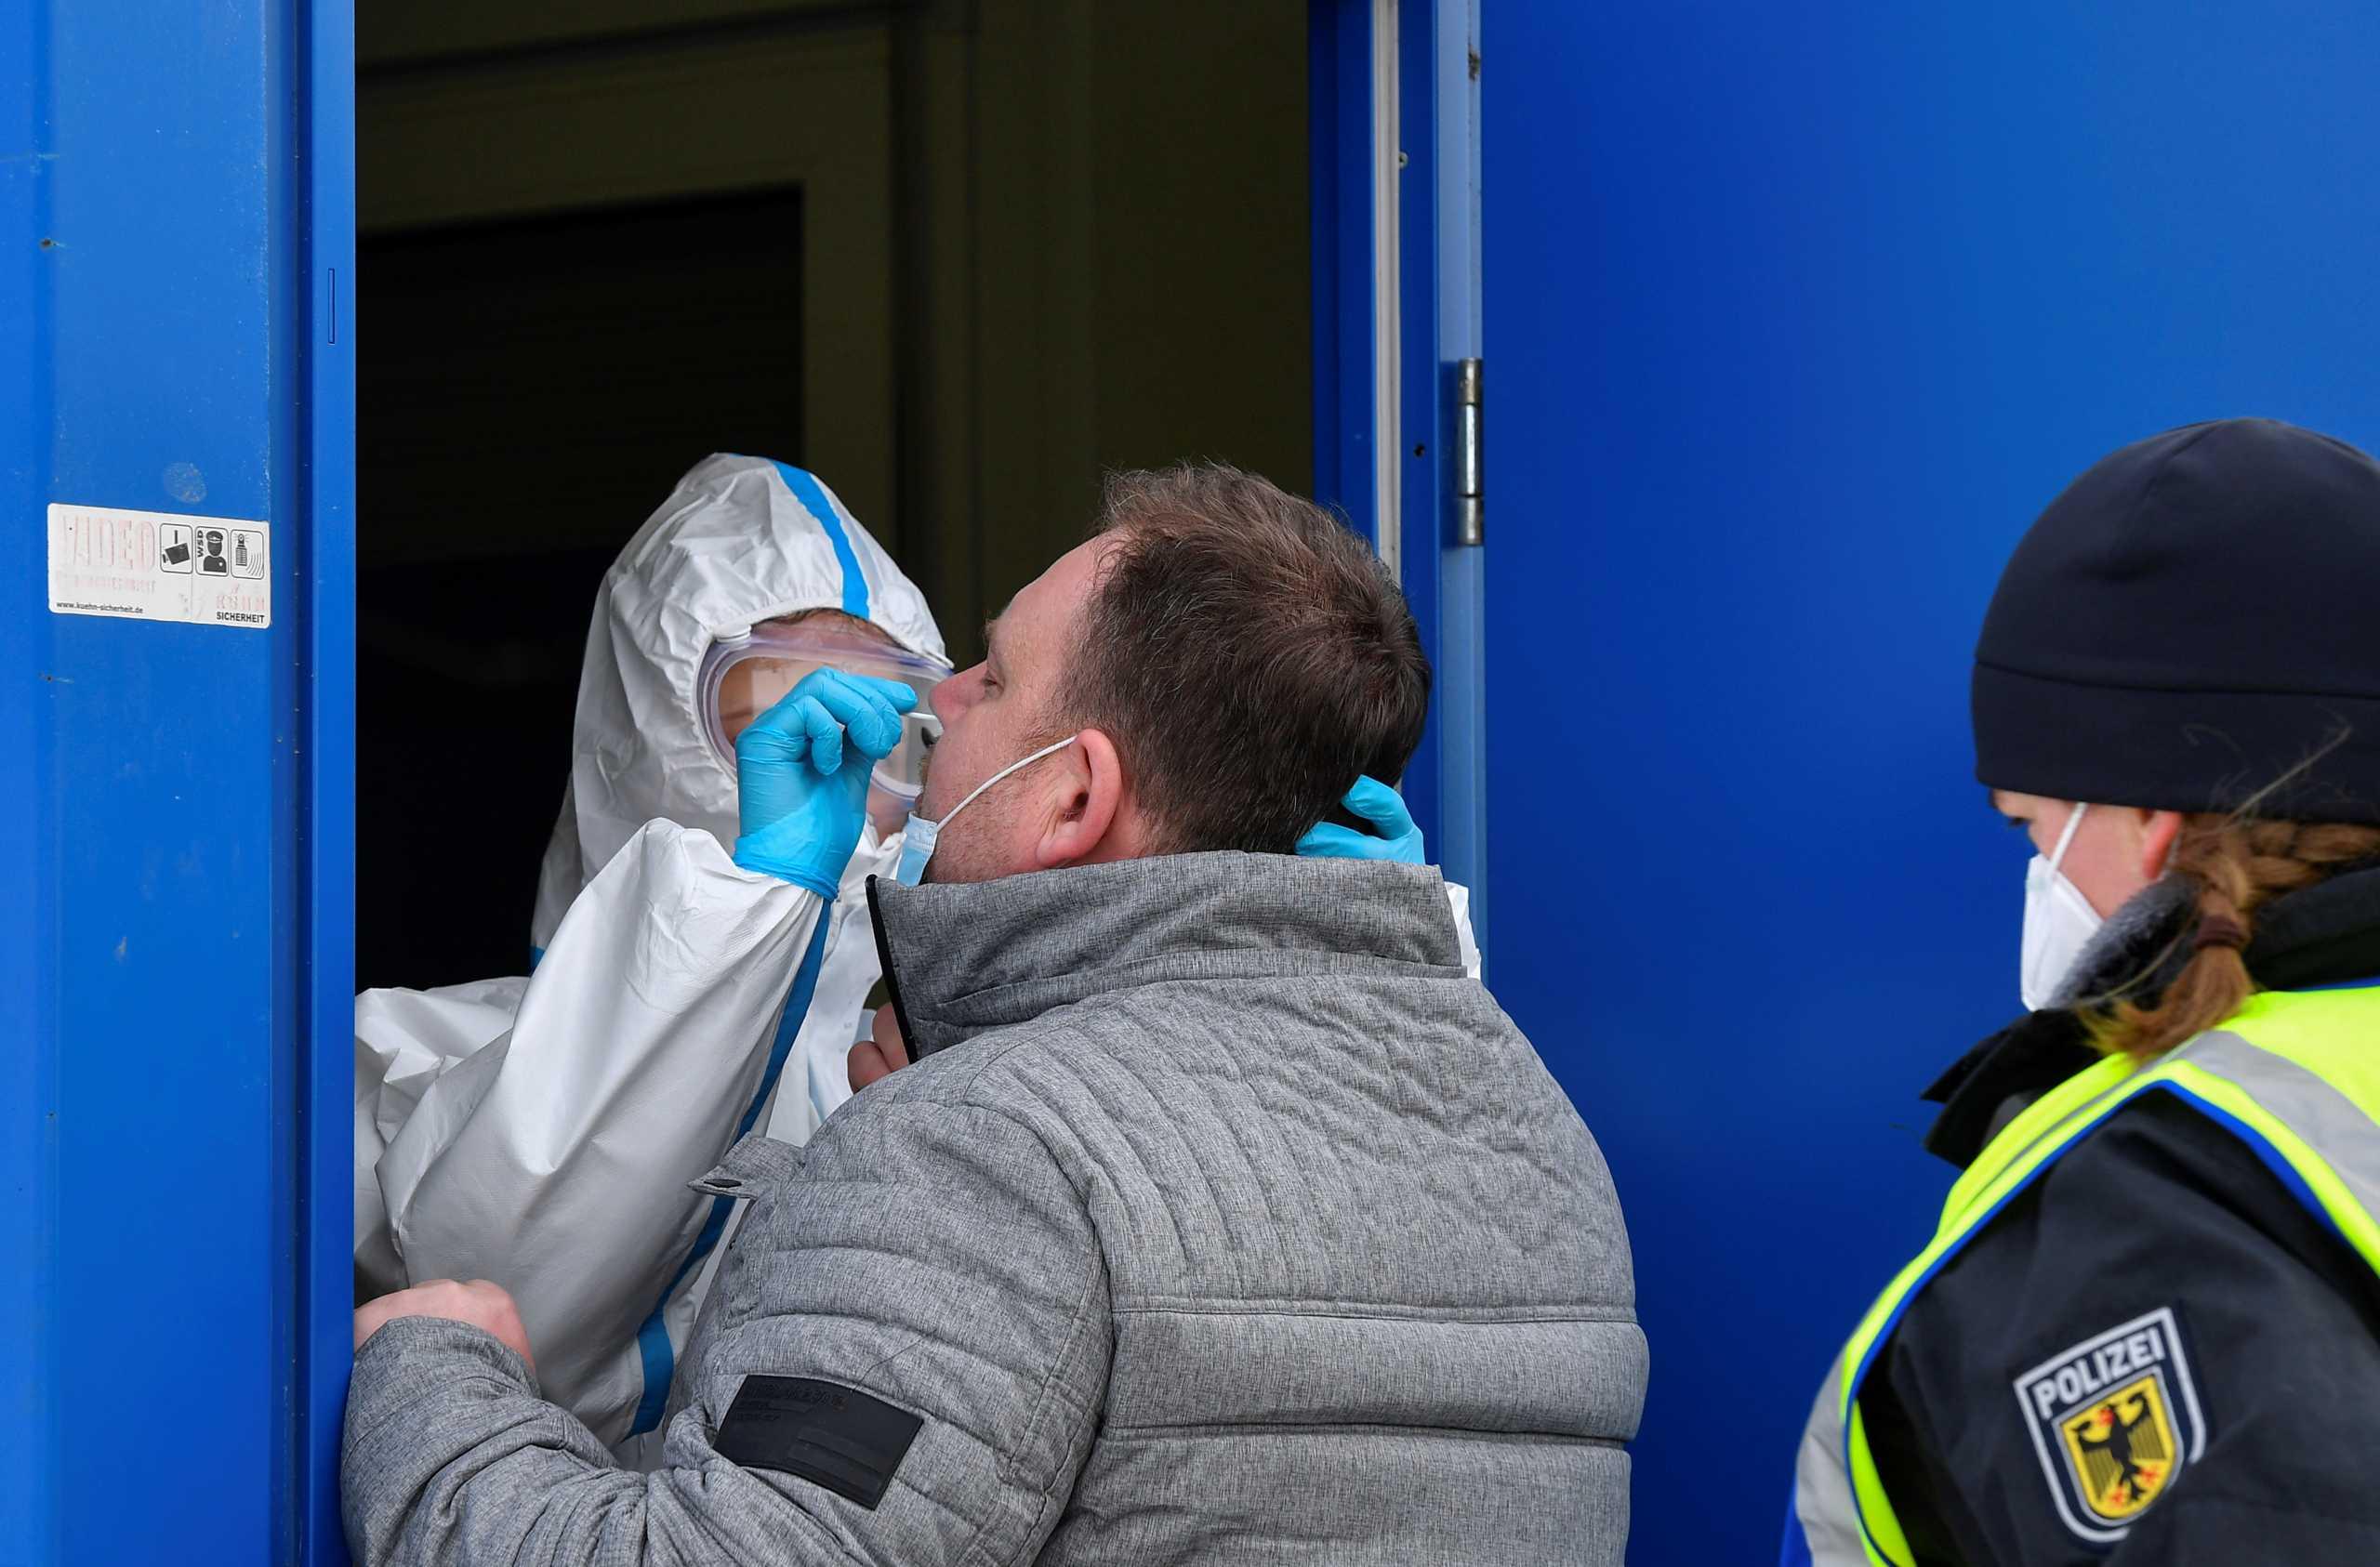 Κορονοϊός – Έρευνα: Η απώλεια όσφρησης και γεύσης μπορεί να διαρκέσει σχεδόν μισό χρόνο